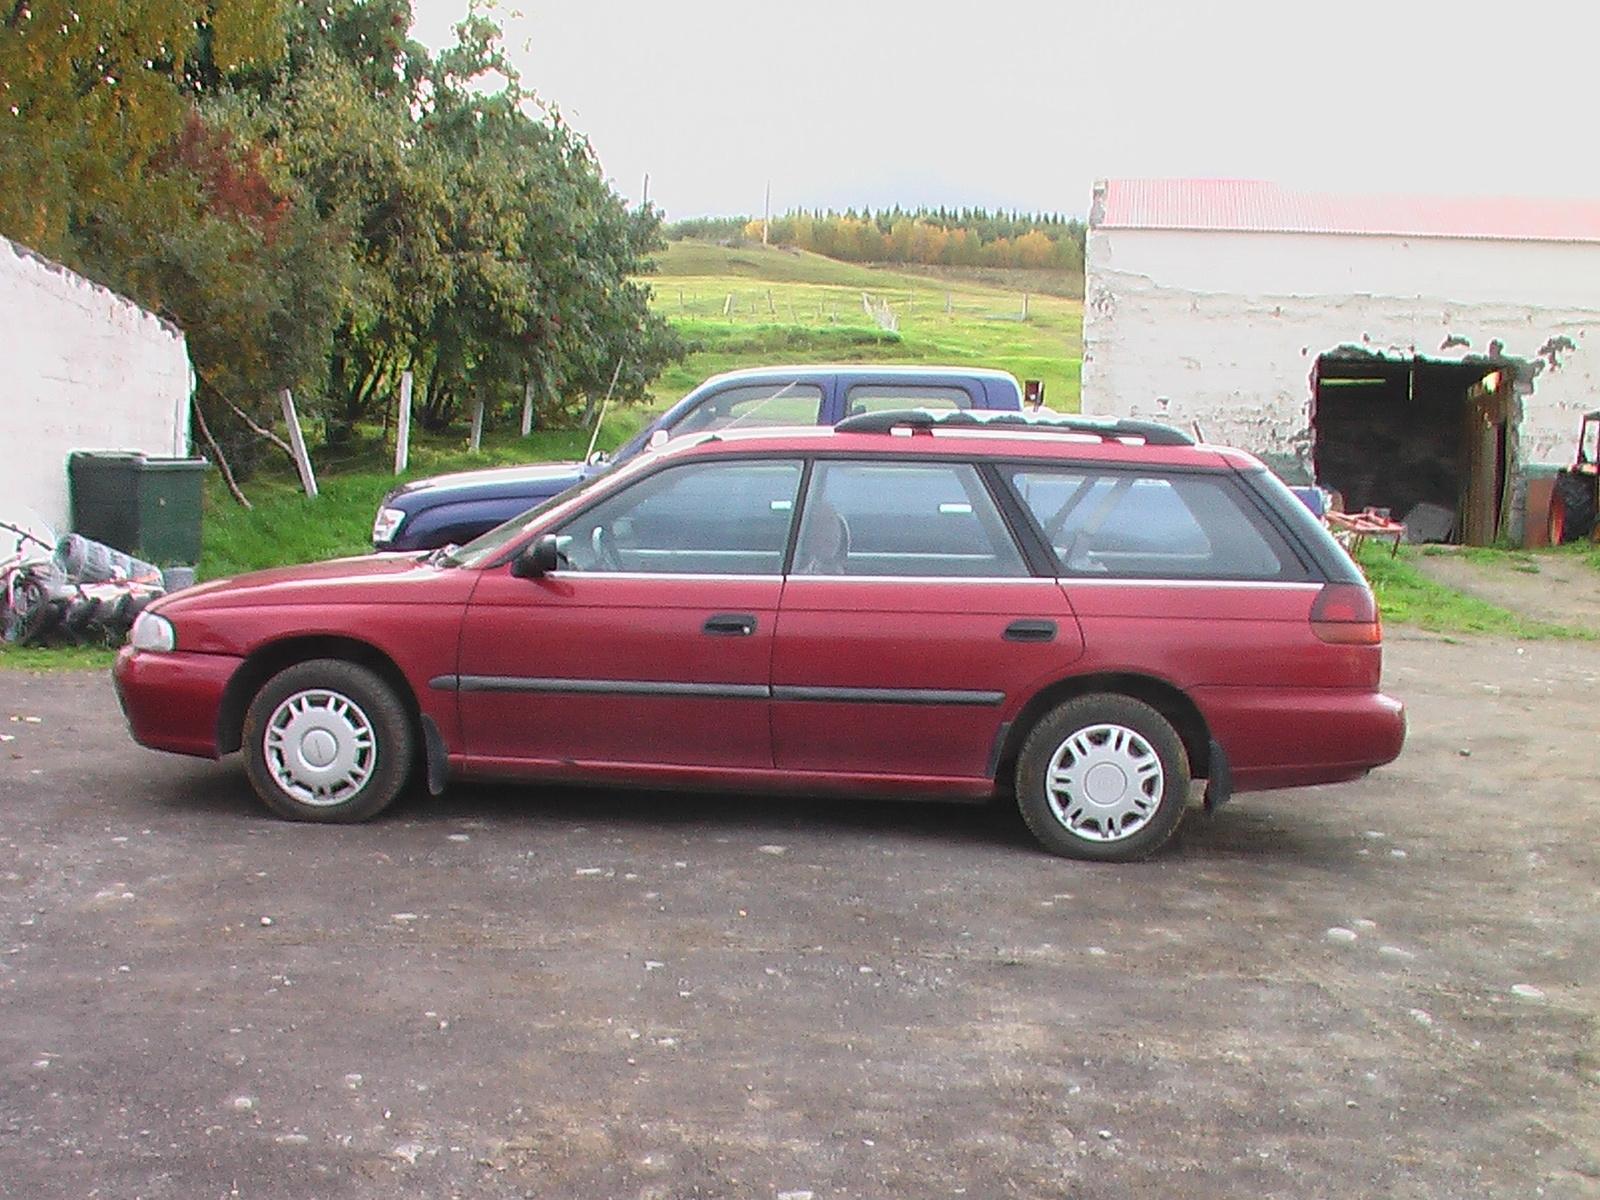 mo_grado 1996 Subaru Legacy Specs, Photos, Modification ...   1996 Subaru Legacy